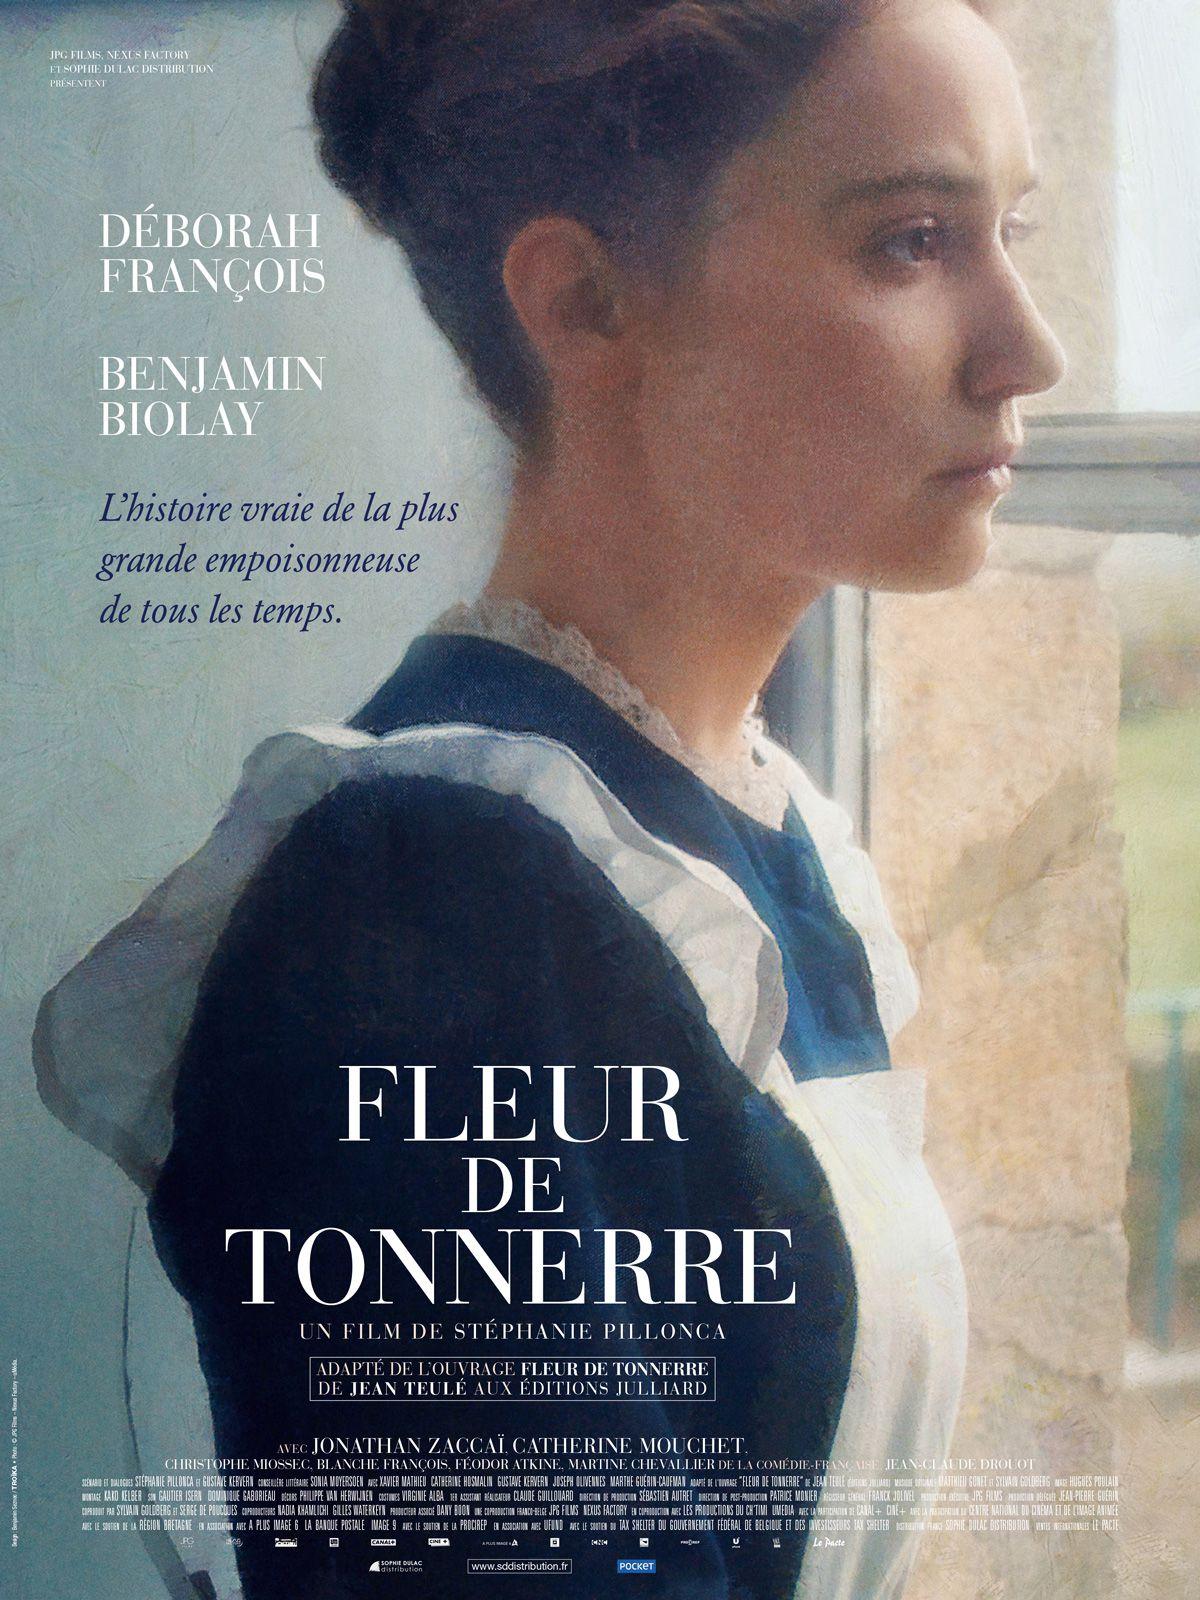 Fleur de tonnerre - Film (2016)